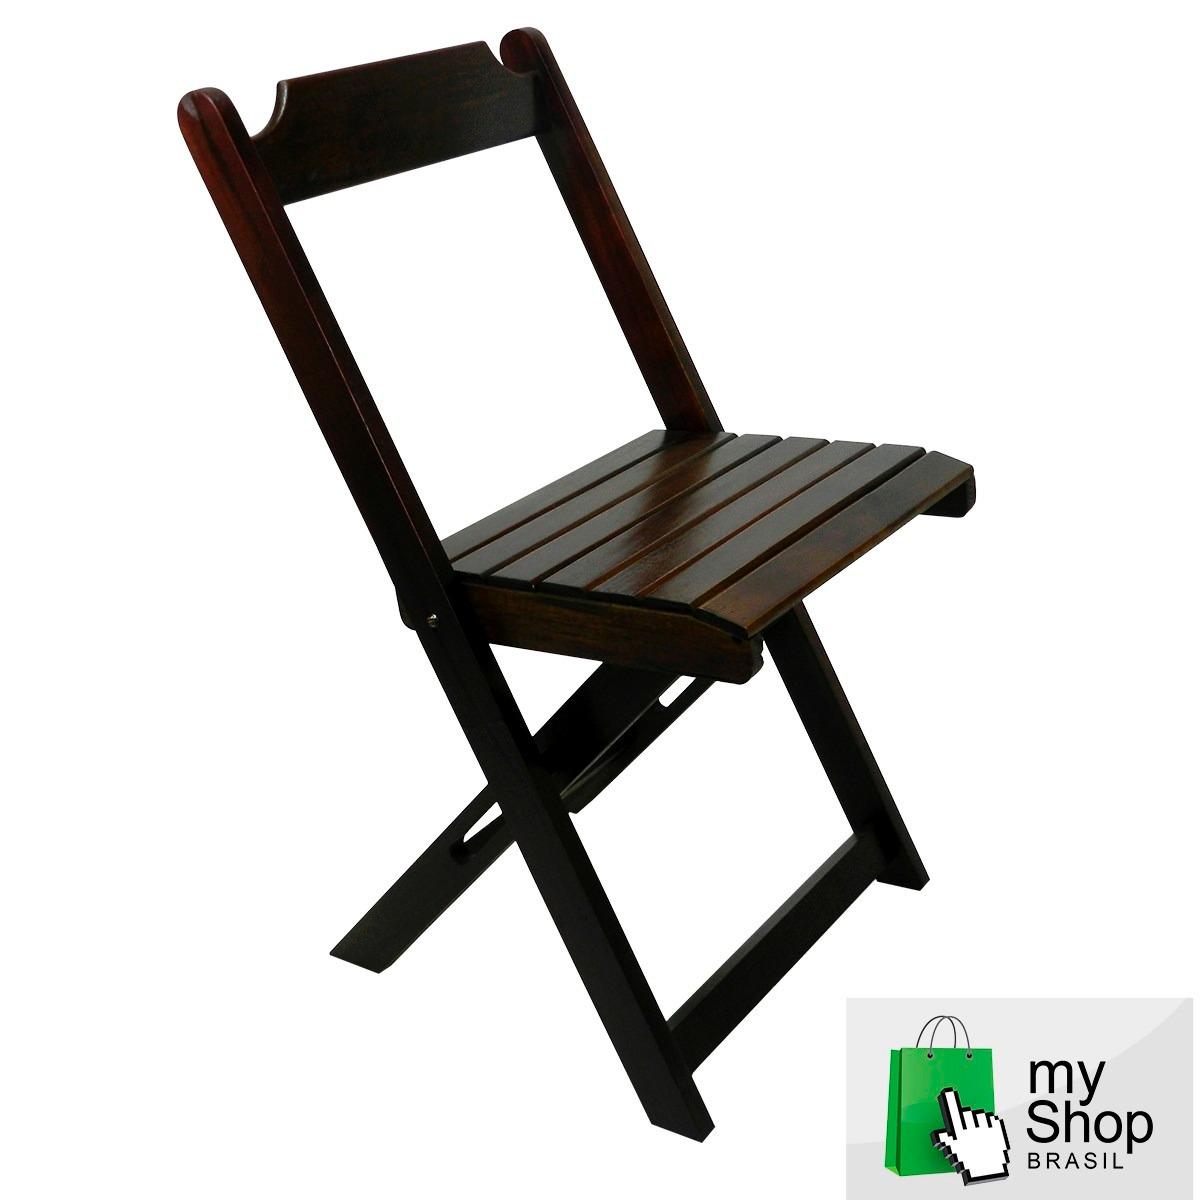 Jogo De Mesas 4 Cadeiras Dobraveis 120x70 Madeira Lei Maciça R$ 359  #0A9232 1200x1200